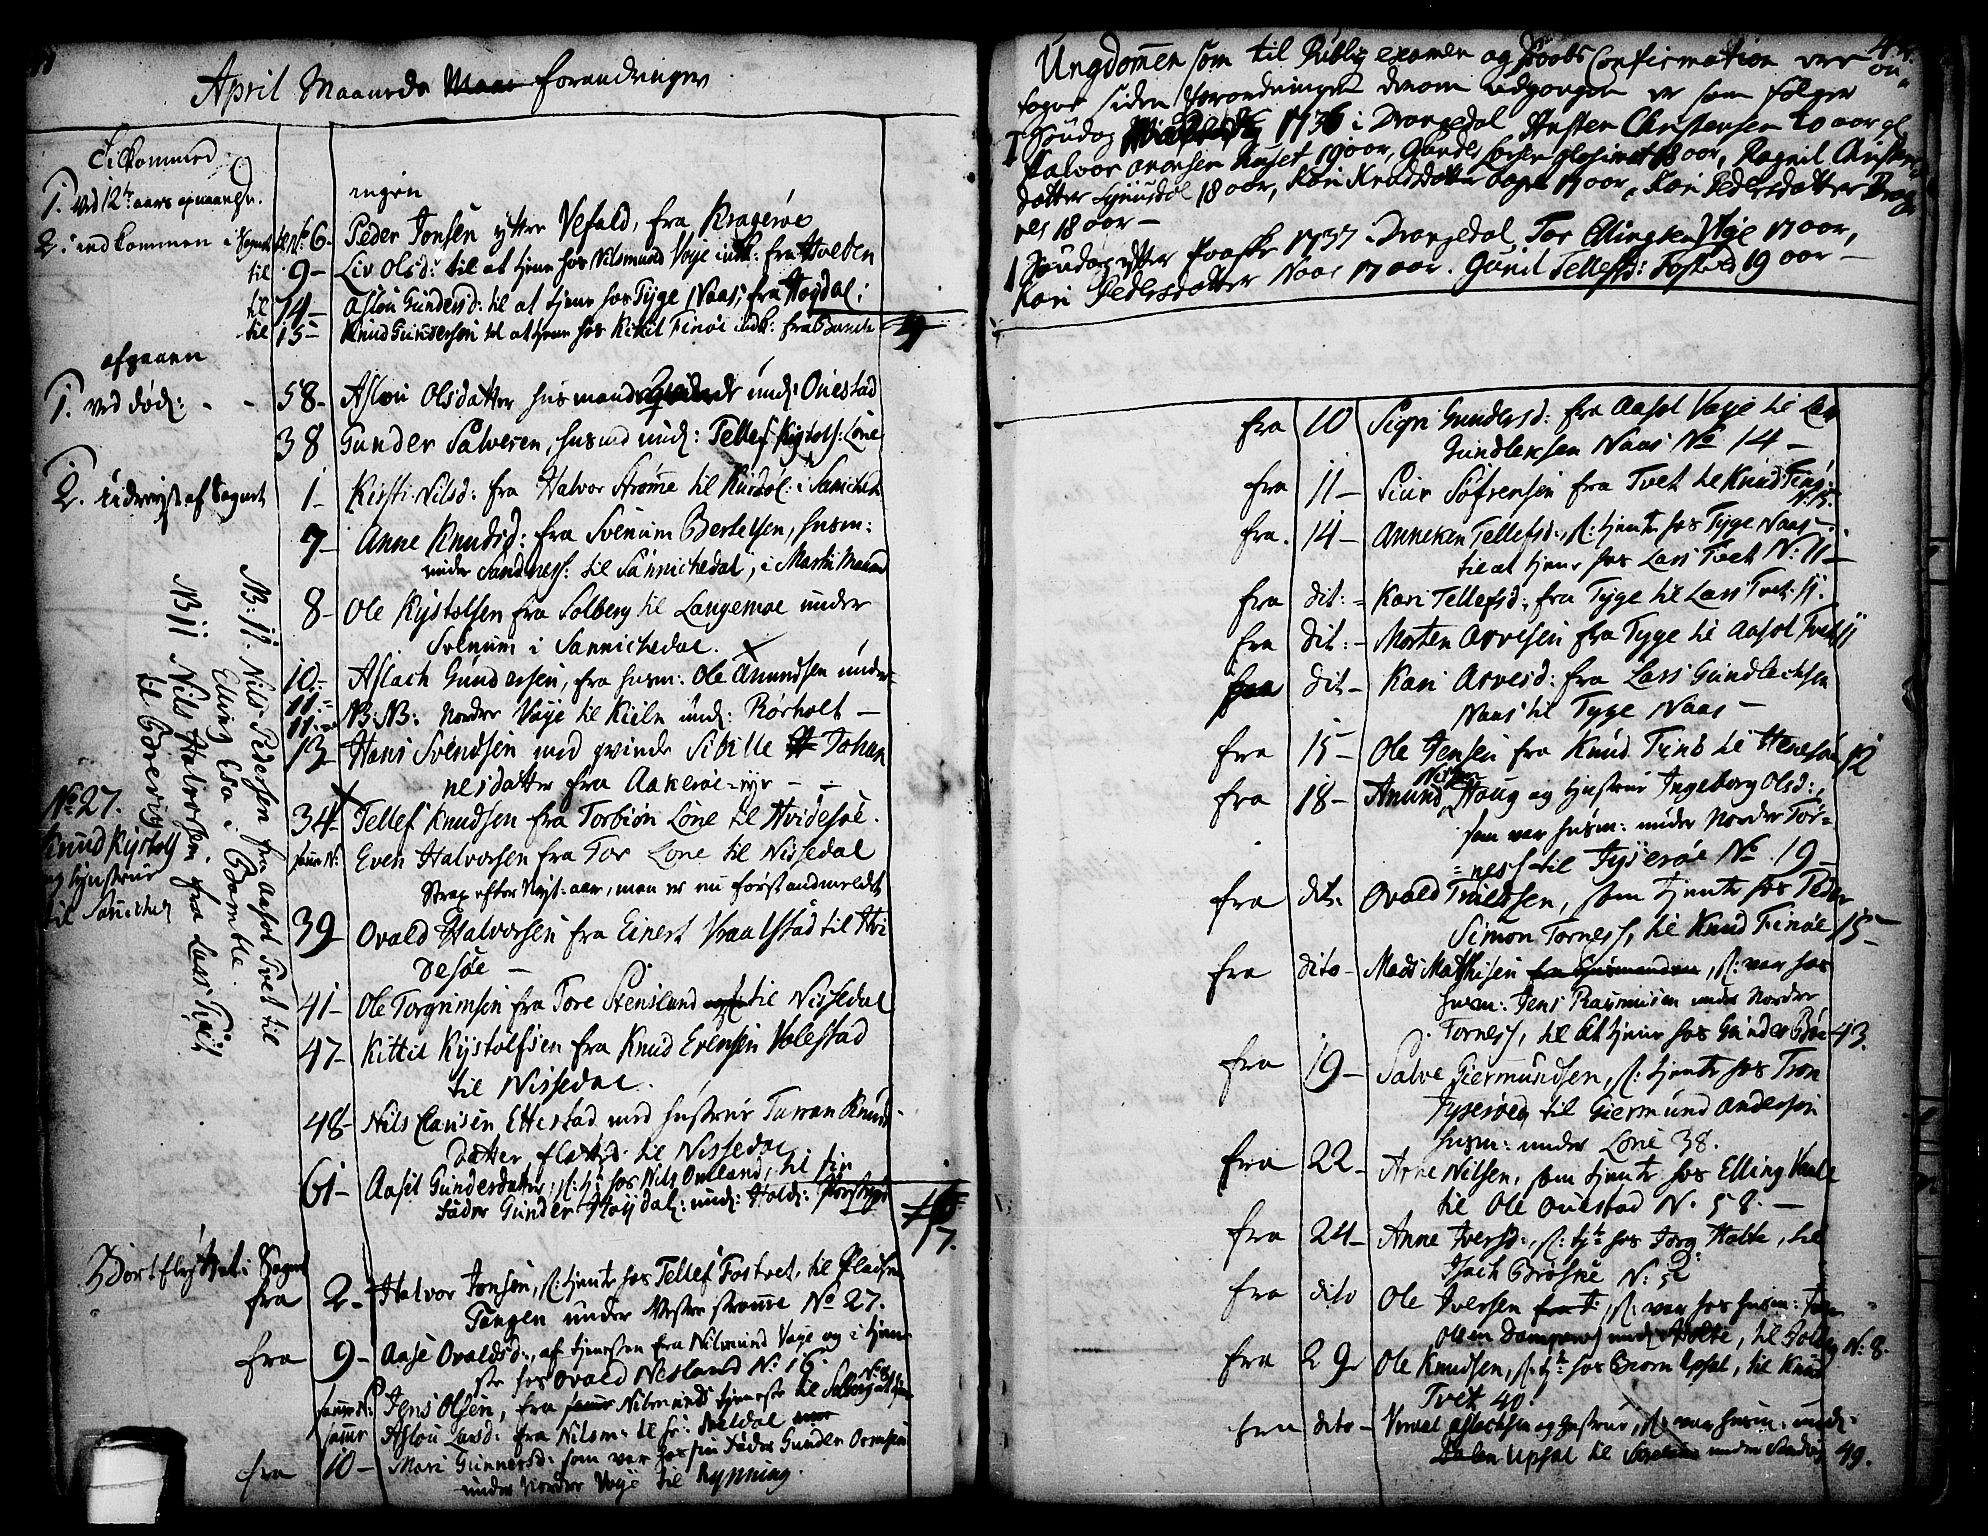 SAKO, Drangedal kirkebøker, F/Fa/L0002: Parish register (official) no. 2, 1733-1753, p. 41-42